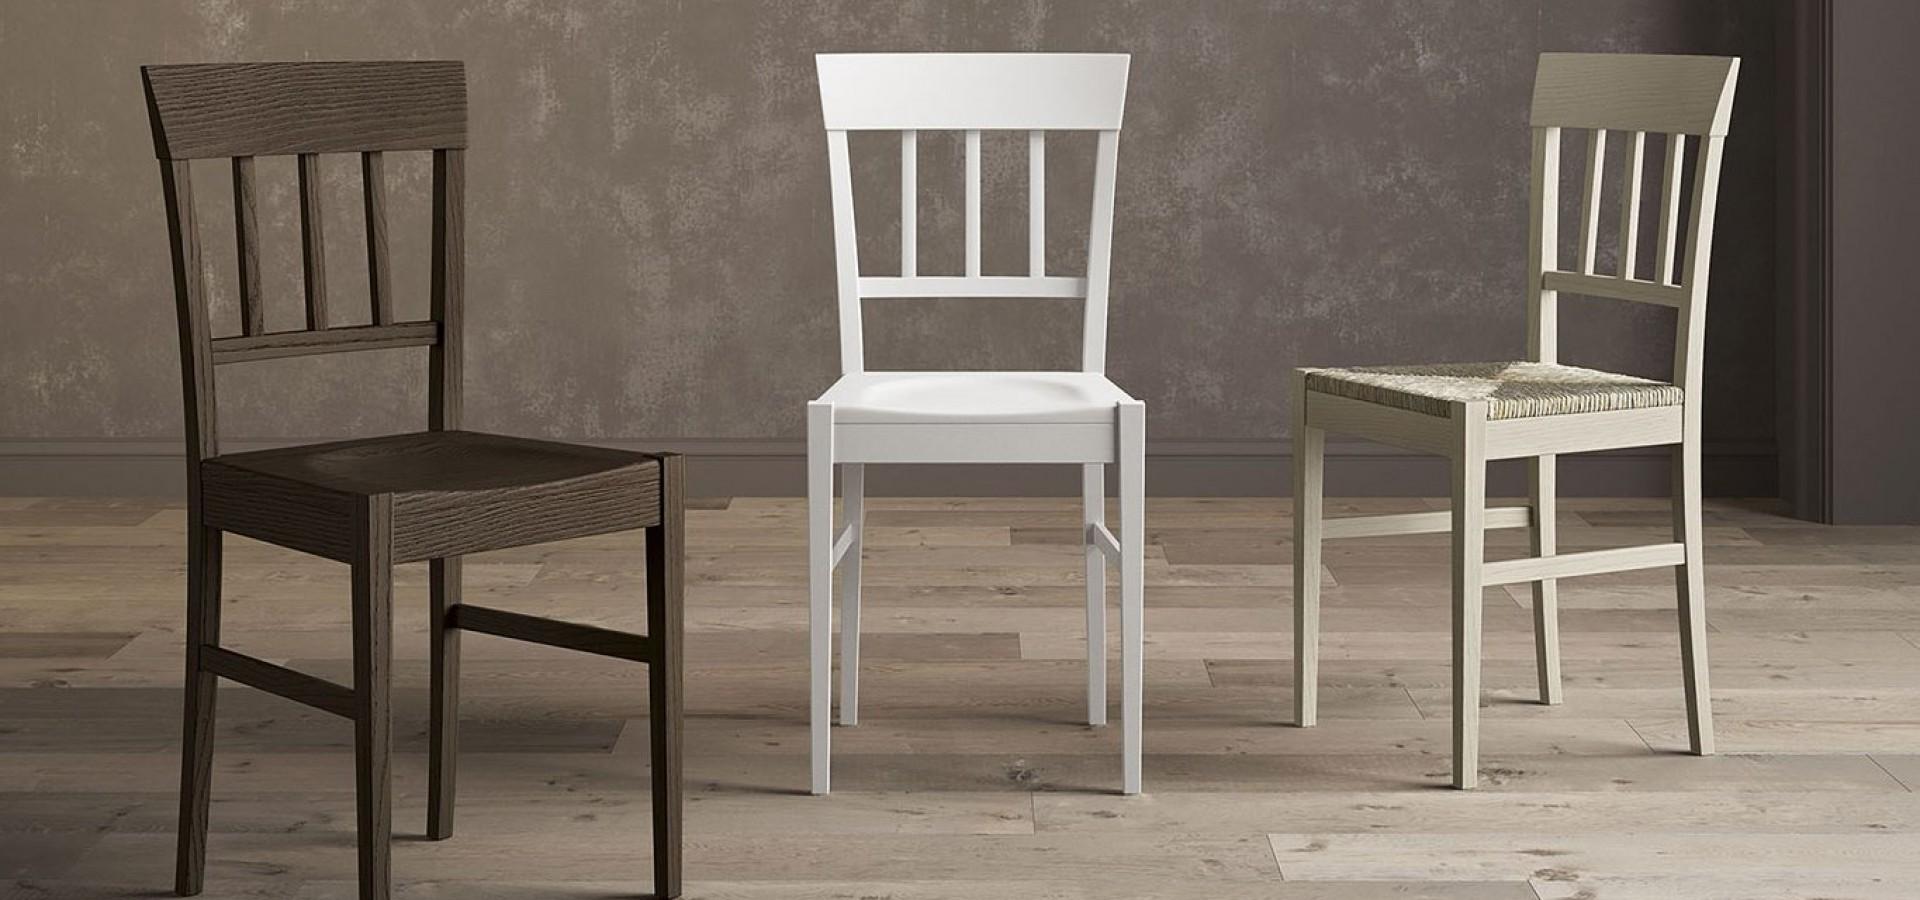 Итальянский стул Стул 470 | Стул Стул 470 ARREDO3